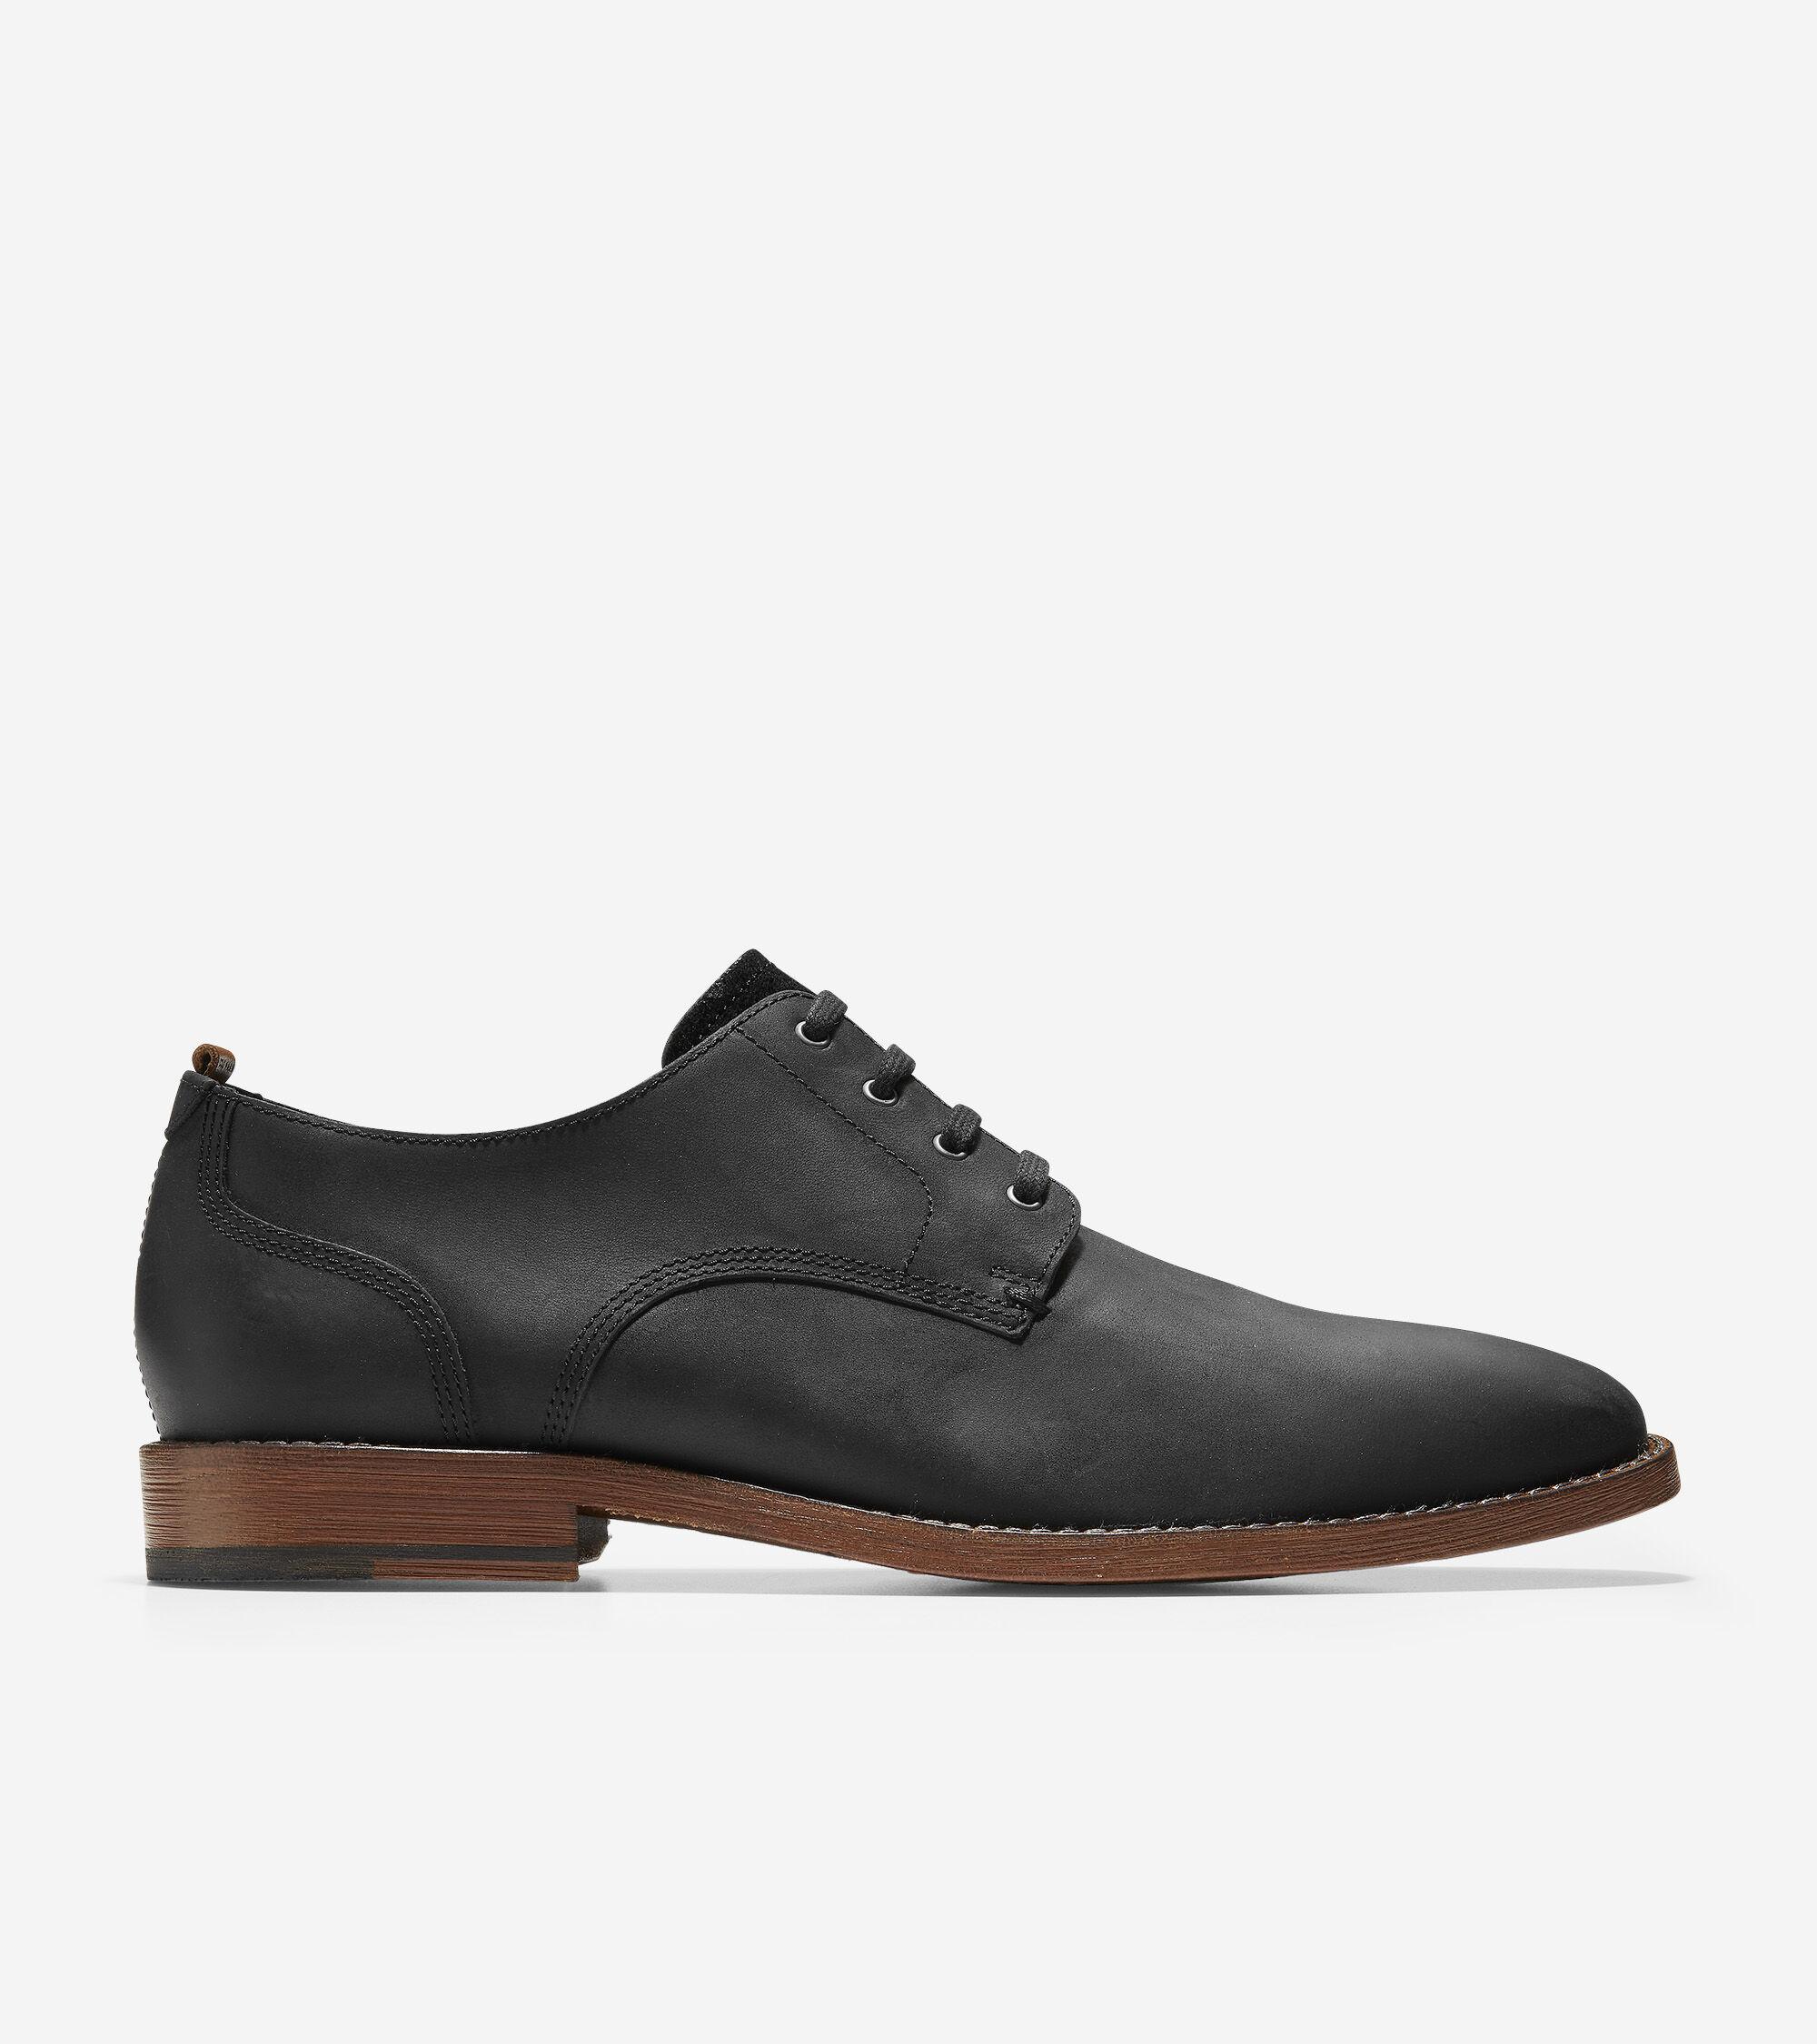 fe6073d5cb75 Haan Monks Men s amp  Shoes Oxfords Cole qpwHwXEfz